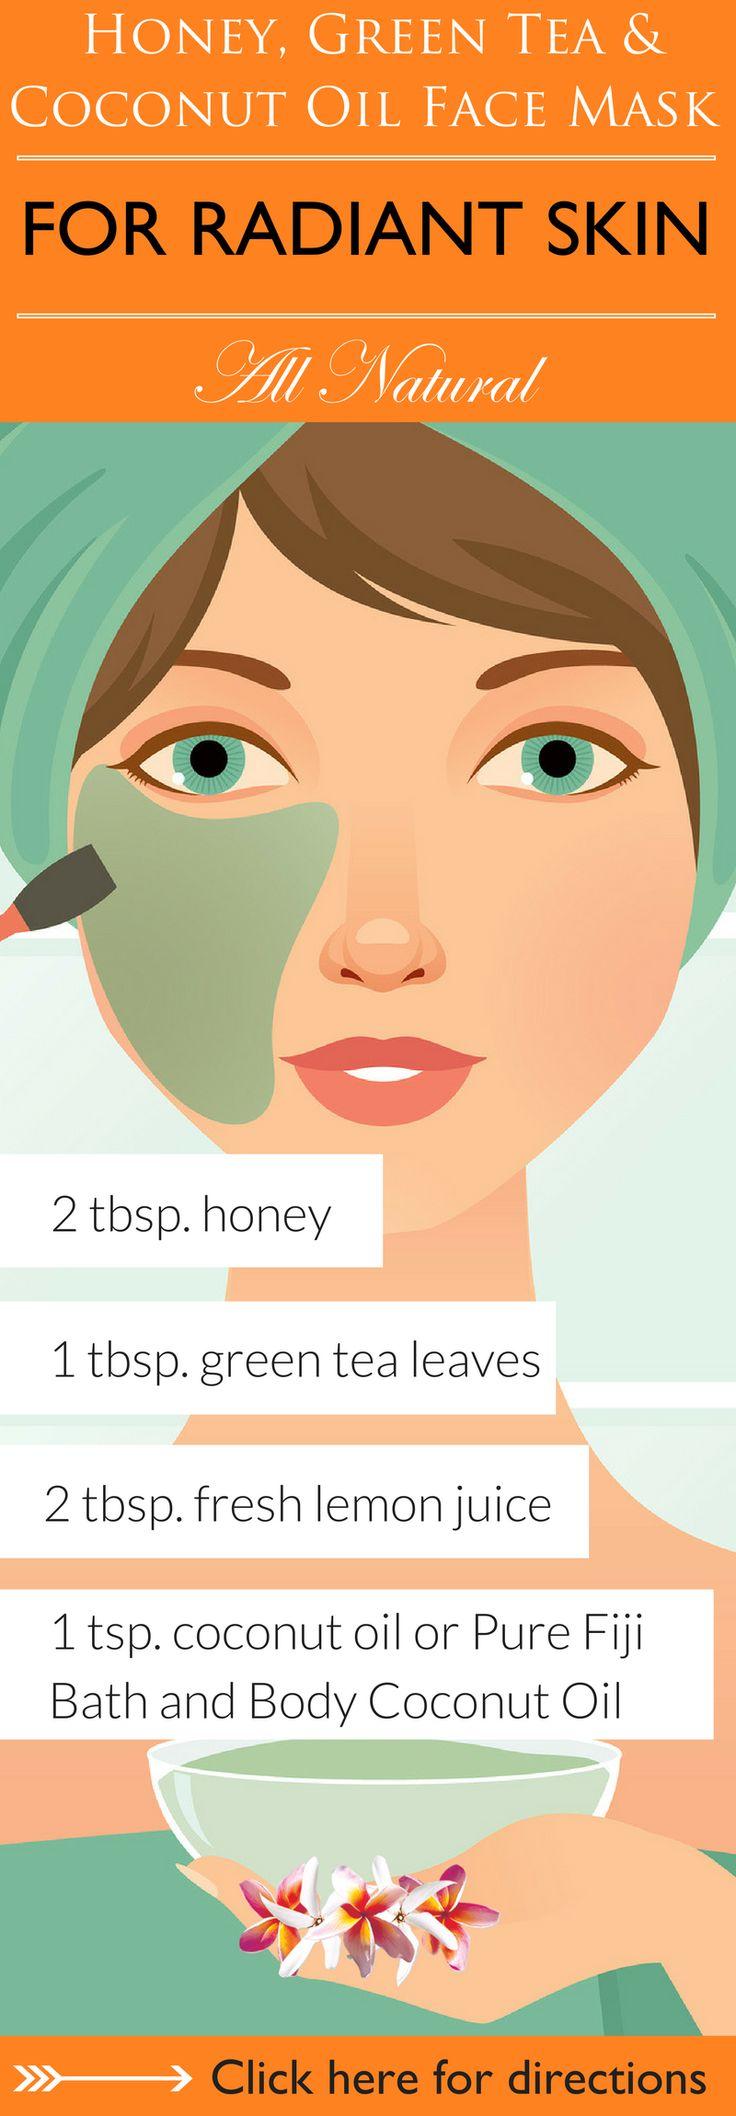 natural beauty diy 6 coconut oil face masks selber machen. Black Bedroom Furniture Sets. Home Design Ideas